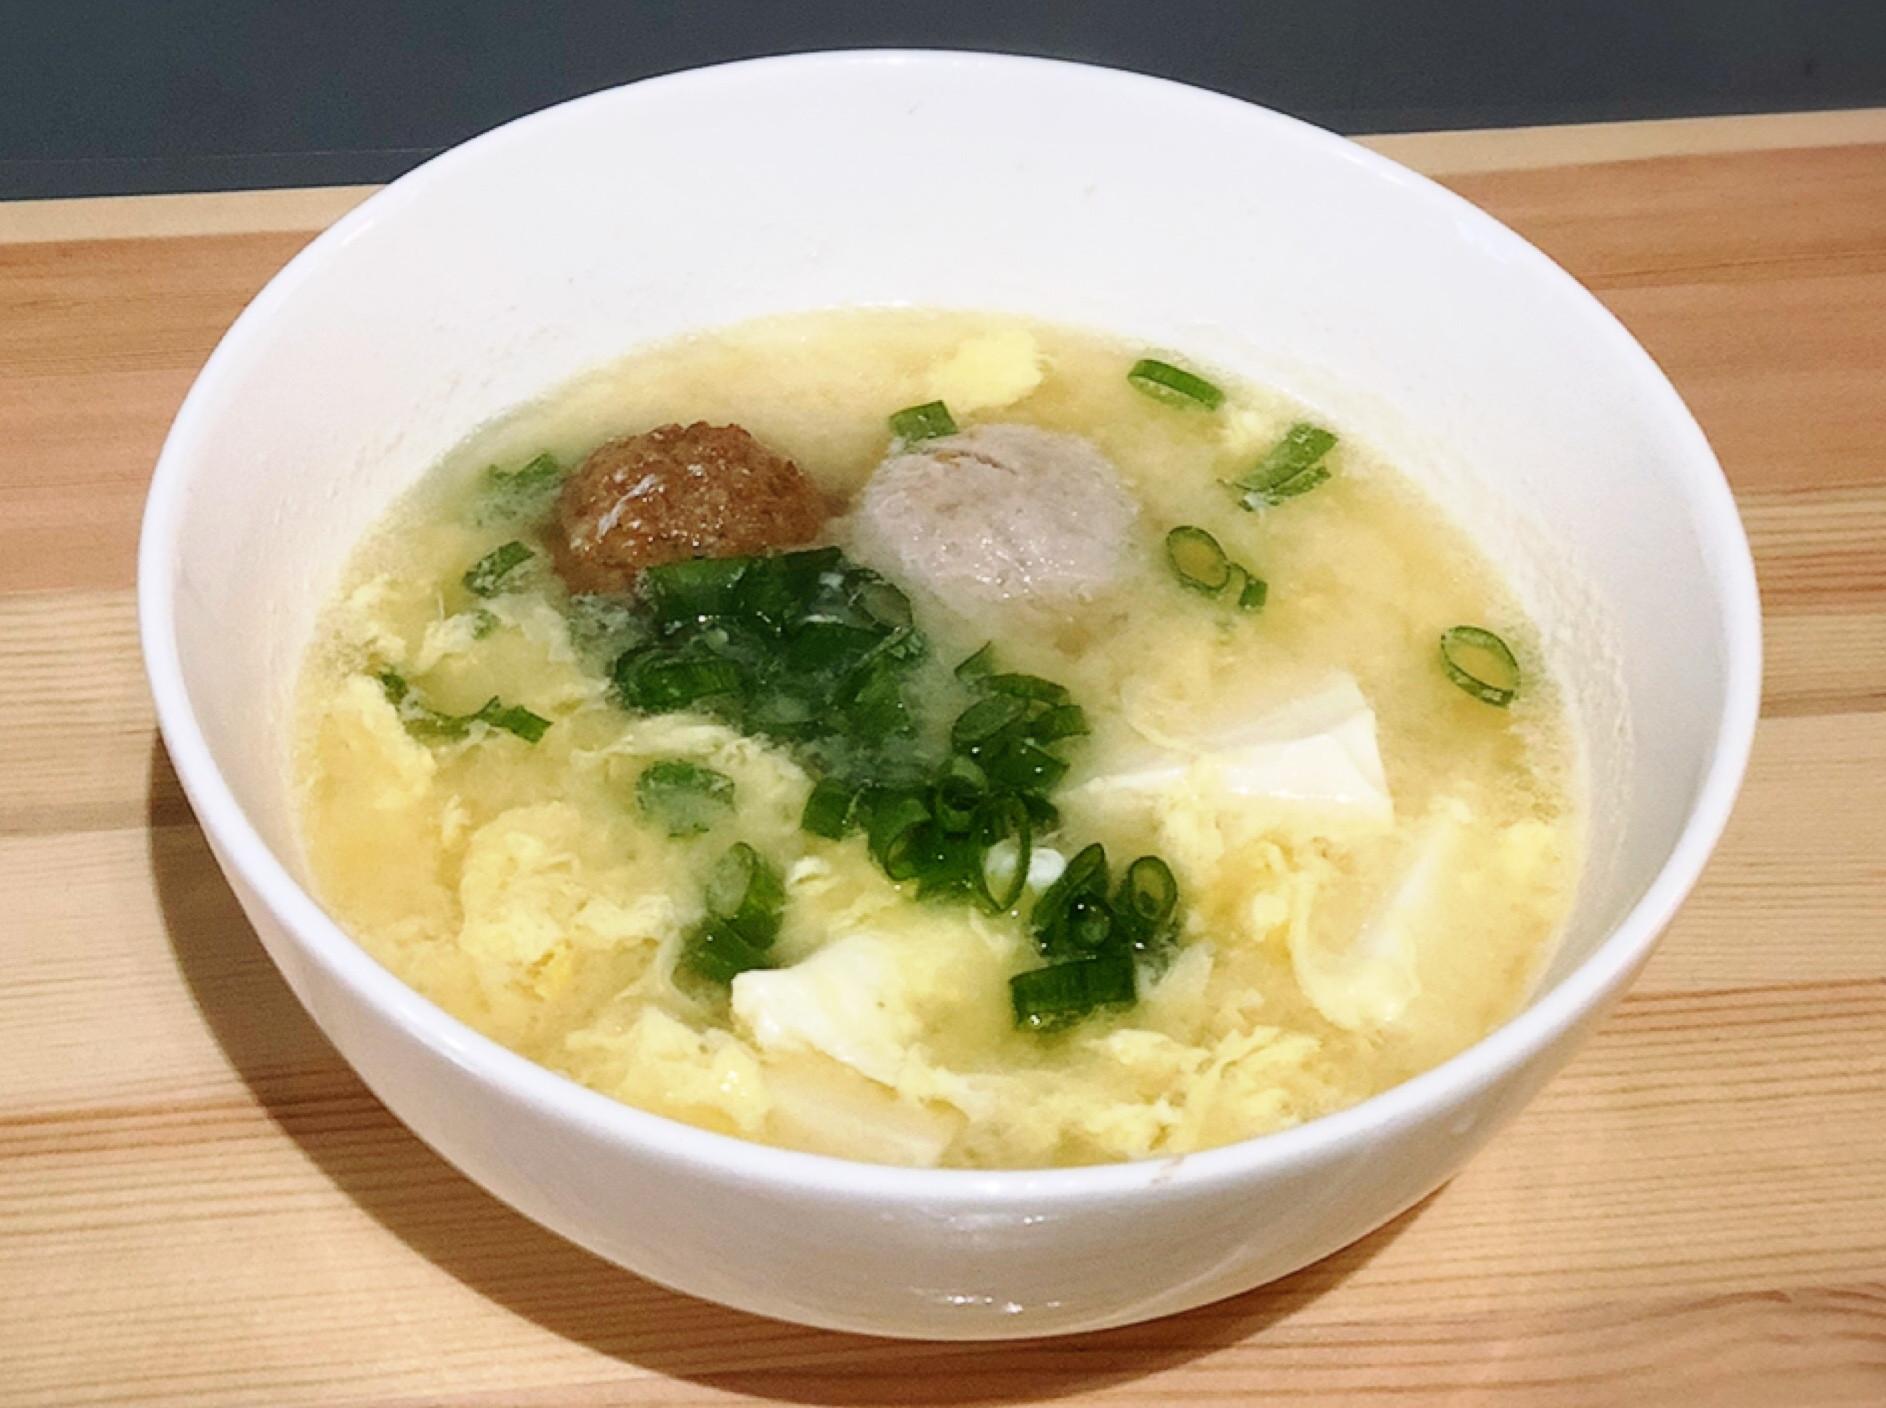 味增貢丸豆腐蛋花湯(可加海帶芽)